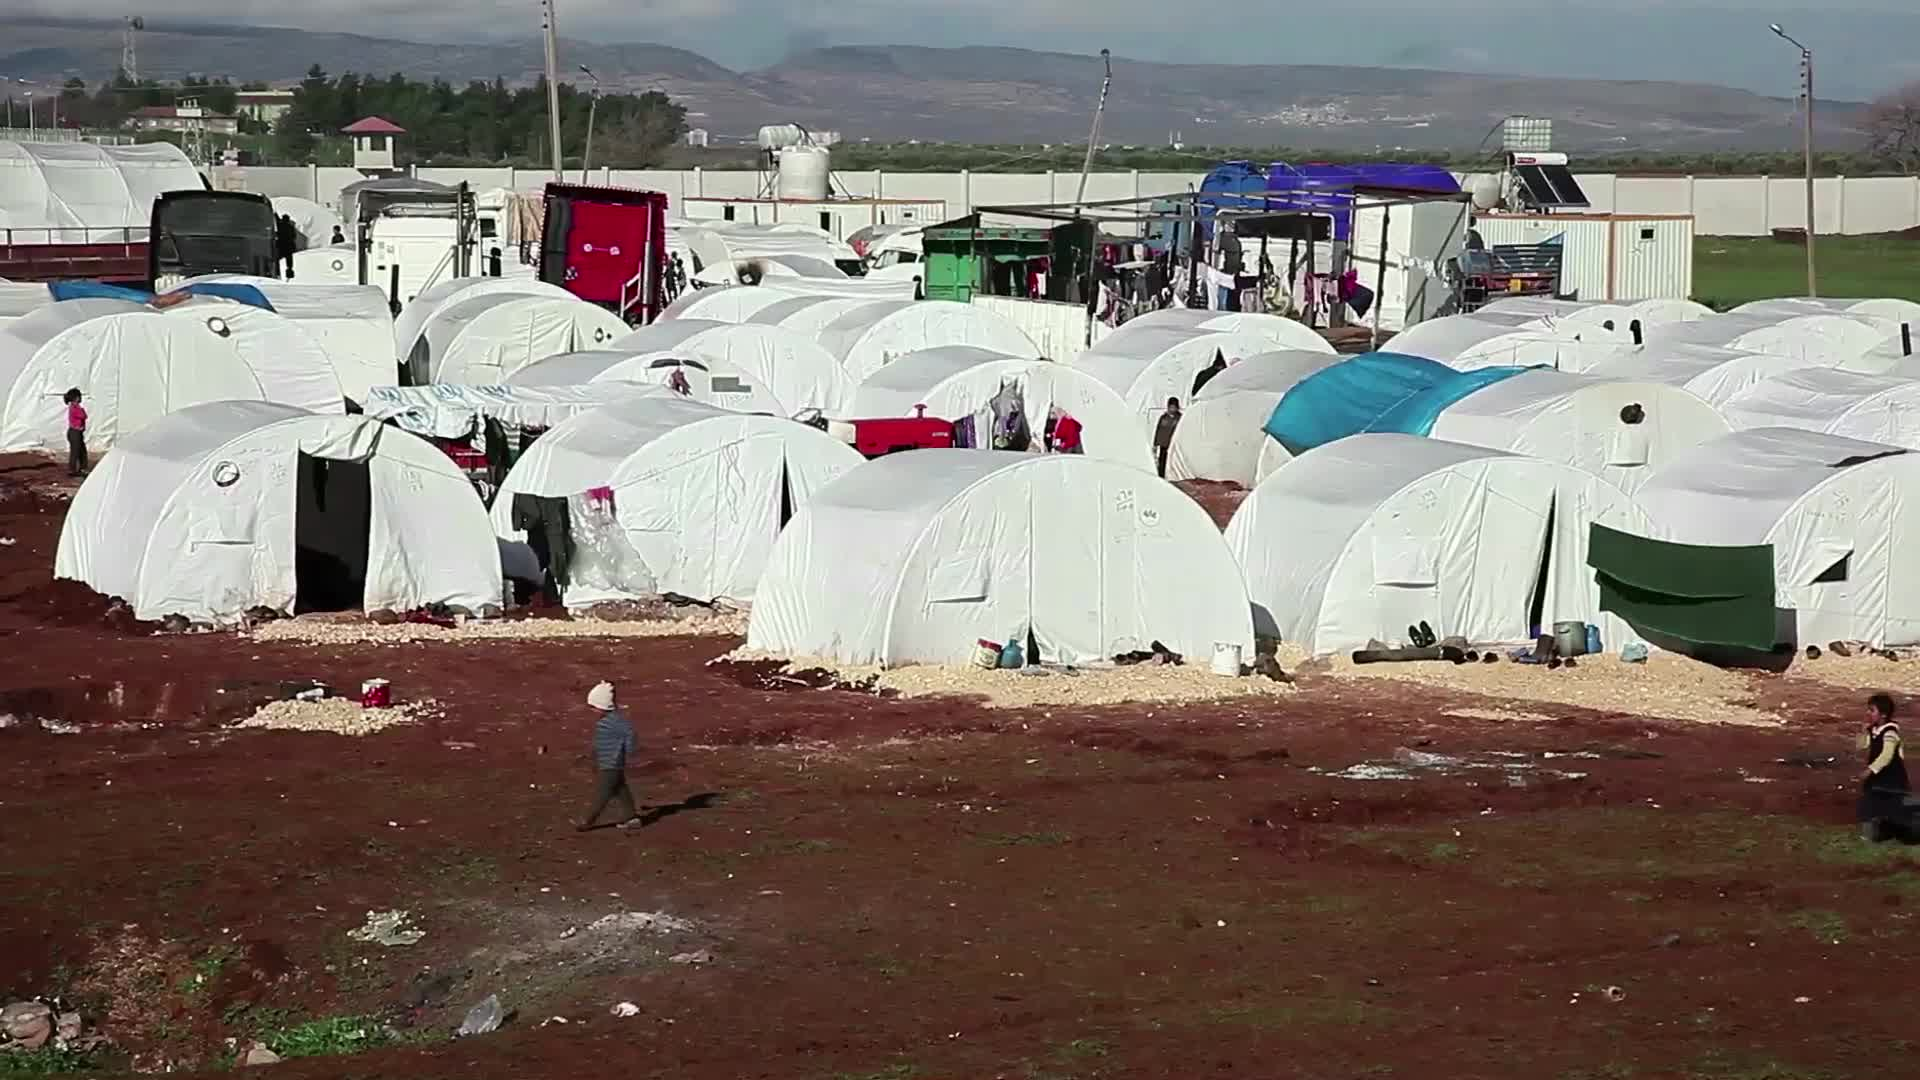 Սիրիայի փախստականների ծանր պայմանները